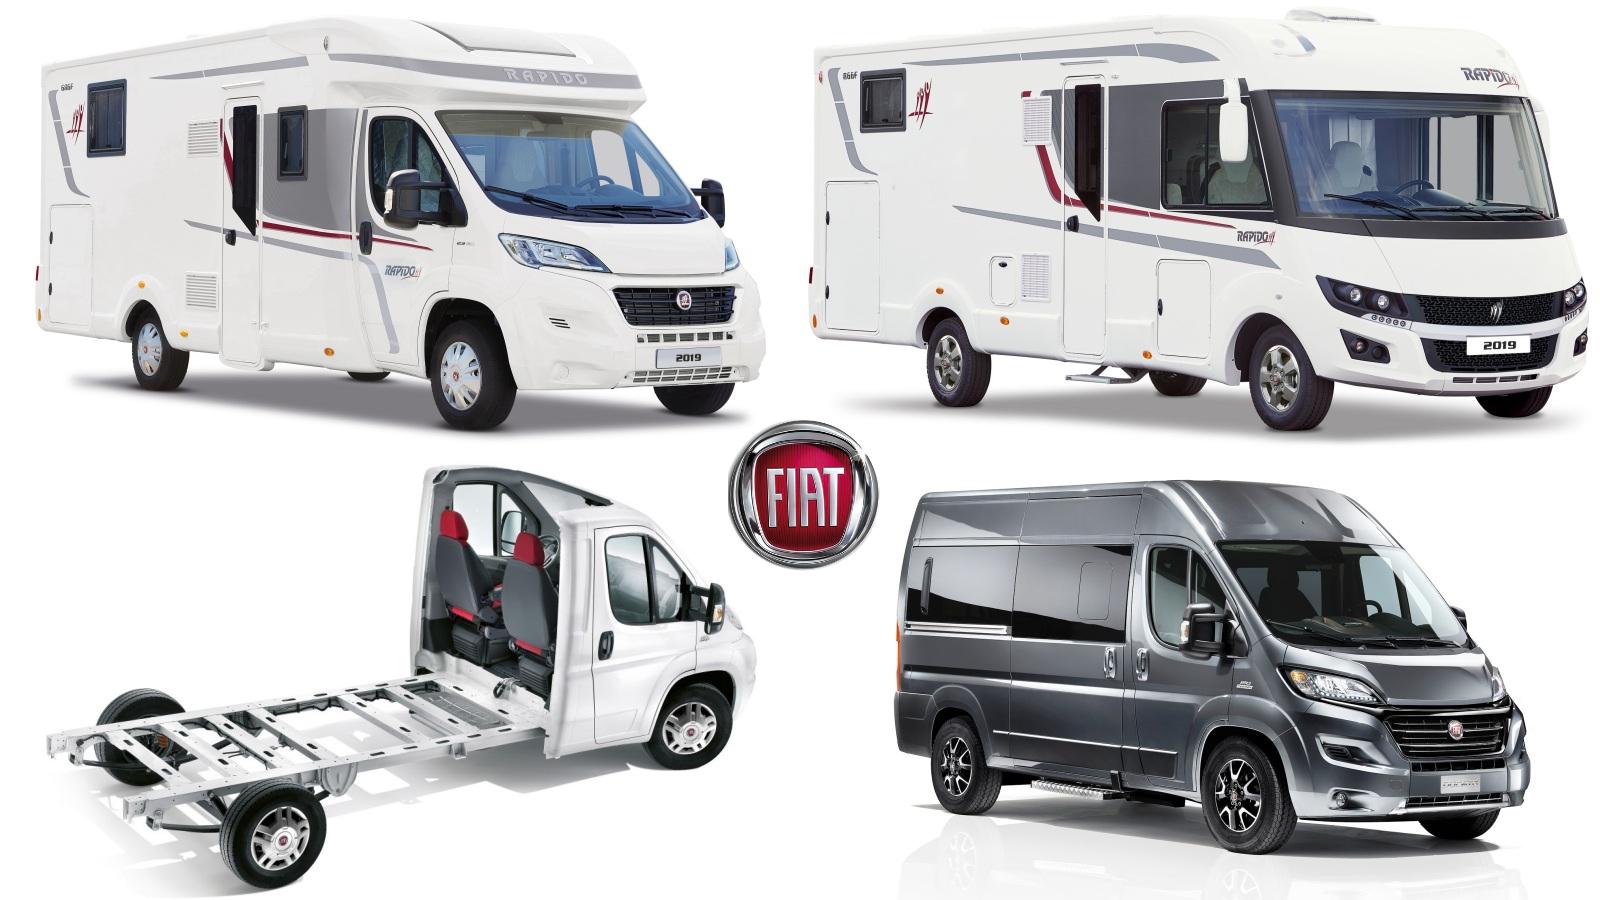 le fiat ducato est il toujours le roi du camping car camping car le site. Black Bedroom Furniture Sets. Home Design Ideas